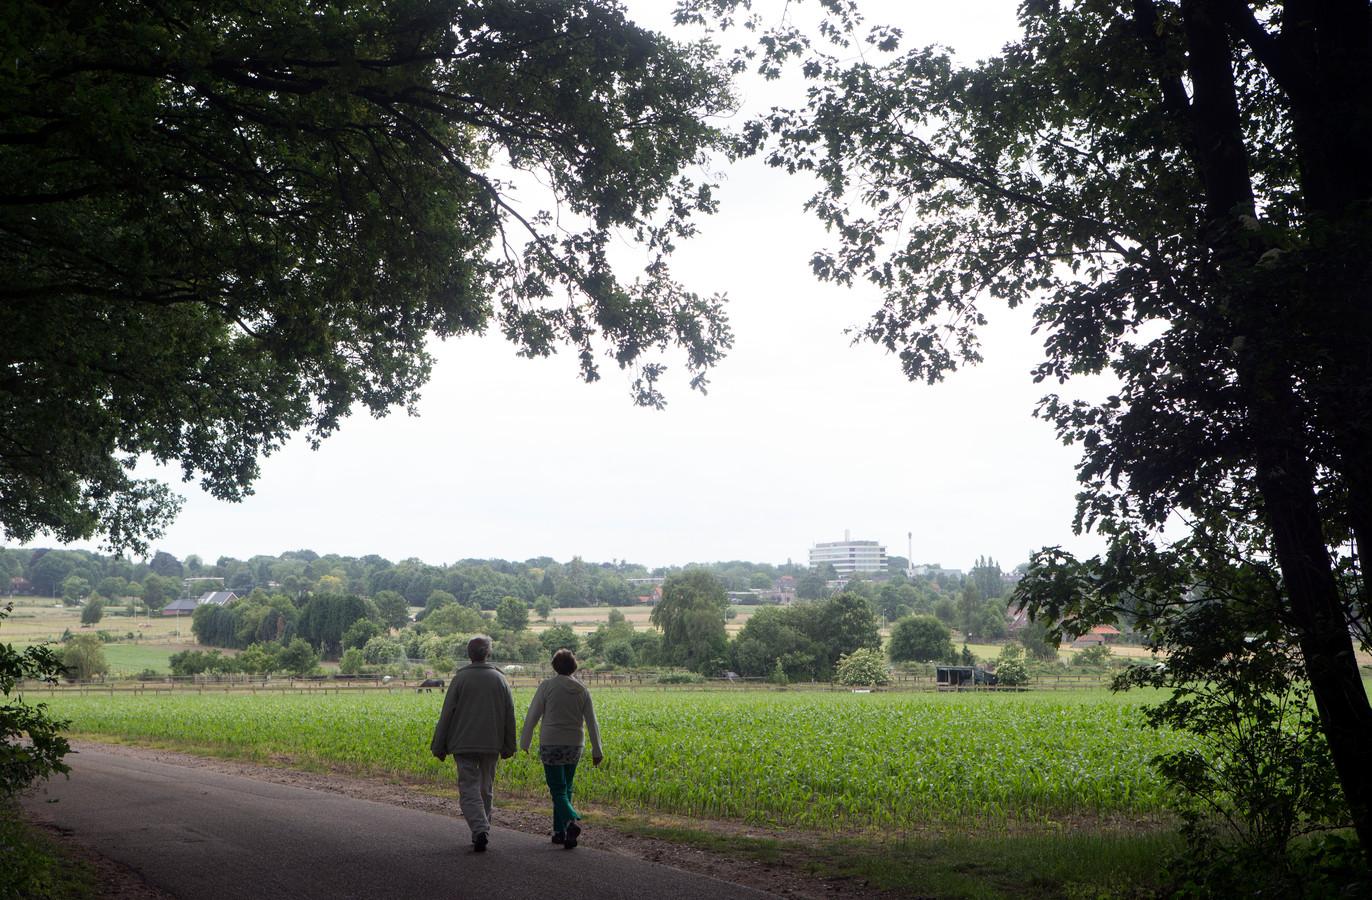 De Wageningse Eng is een open landschap met divers gebruik aan de oostkant van de stad